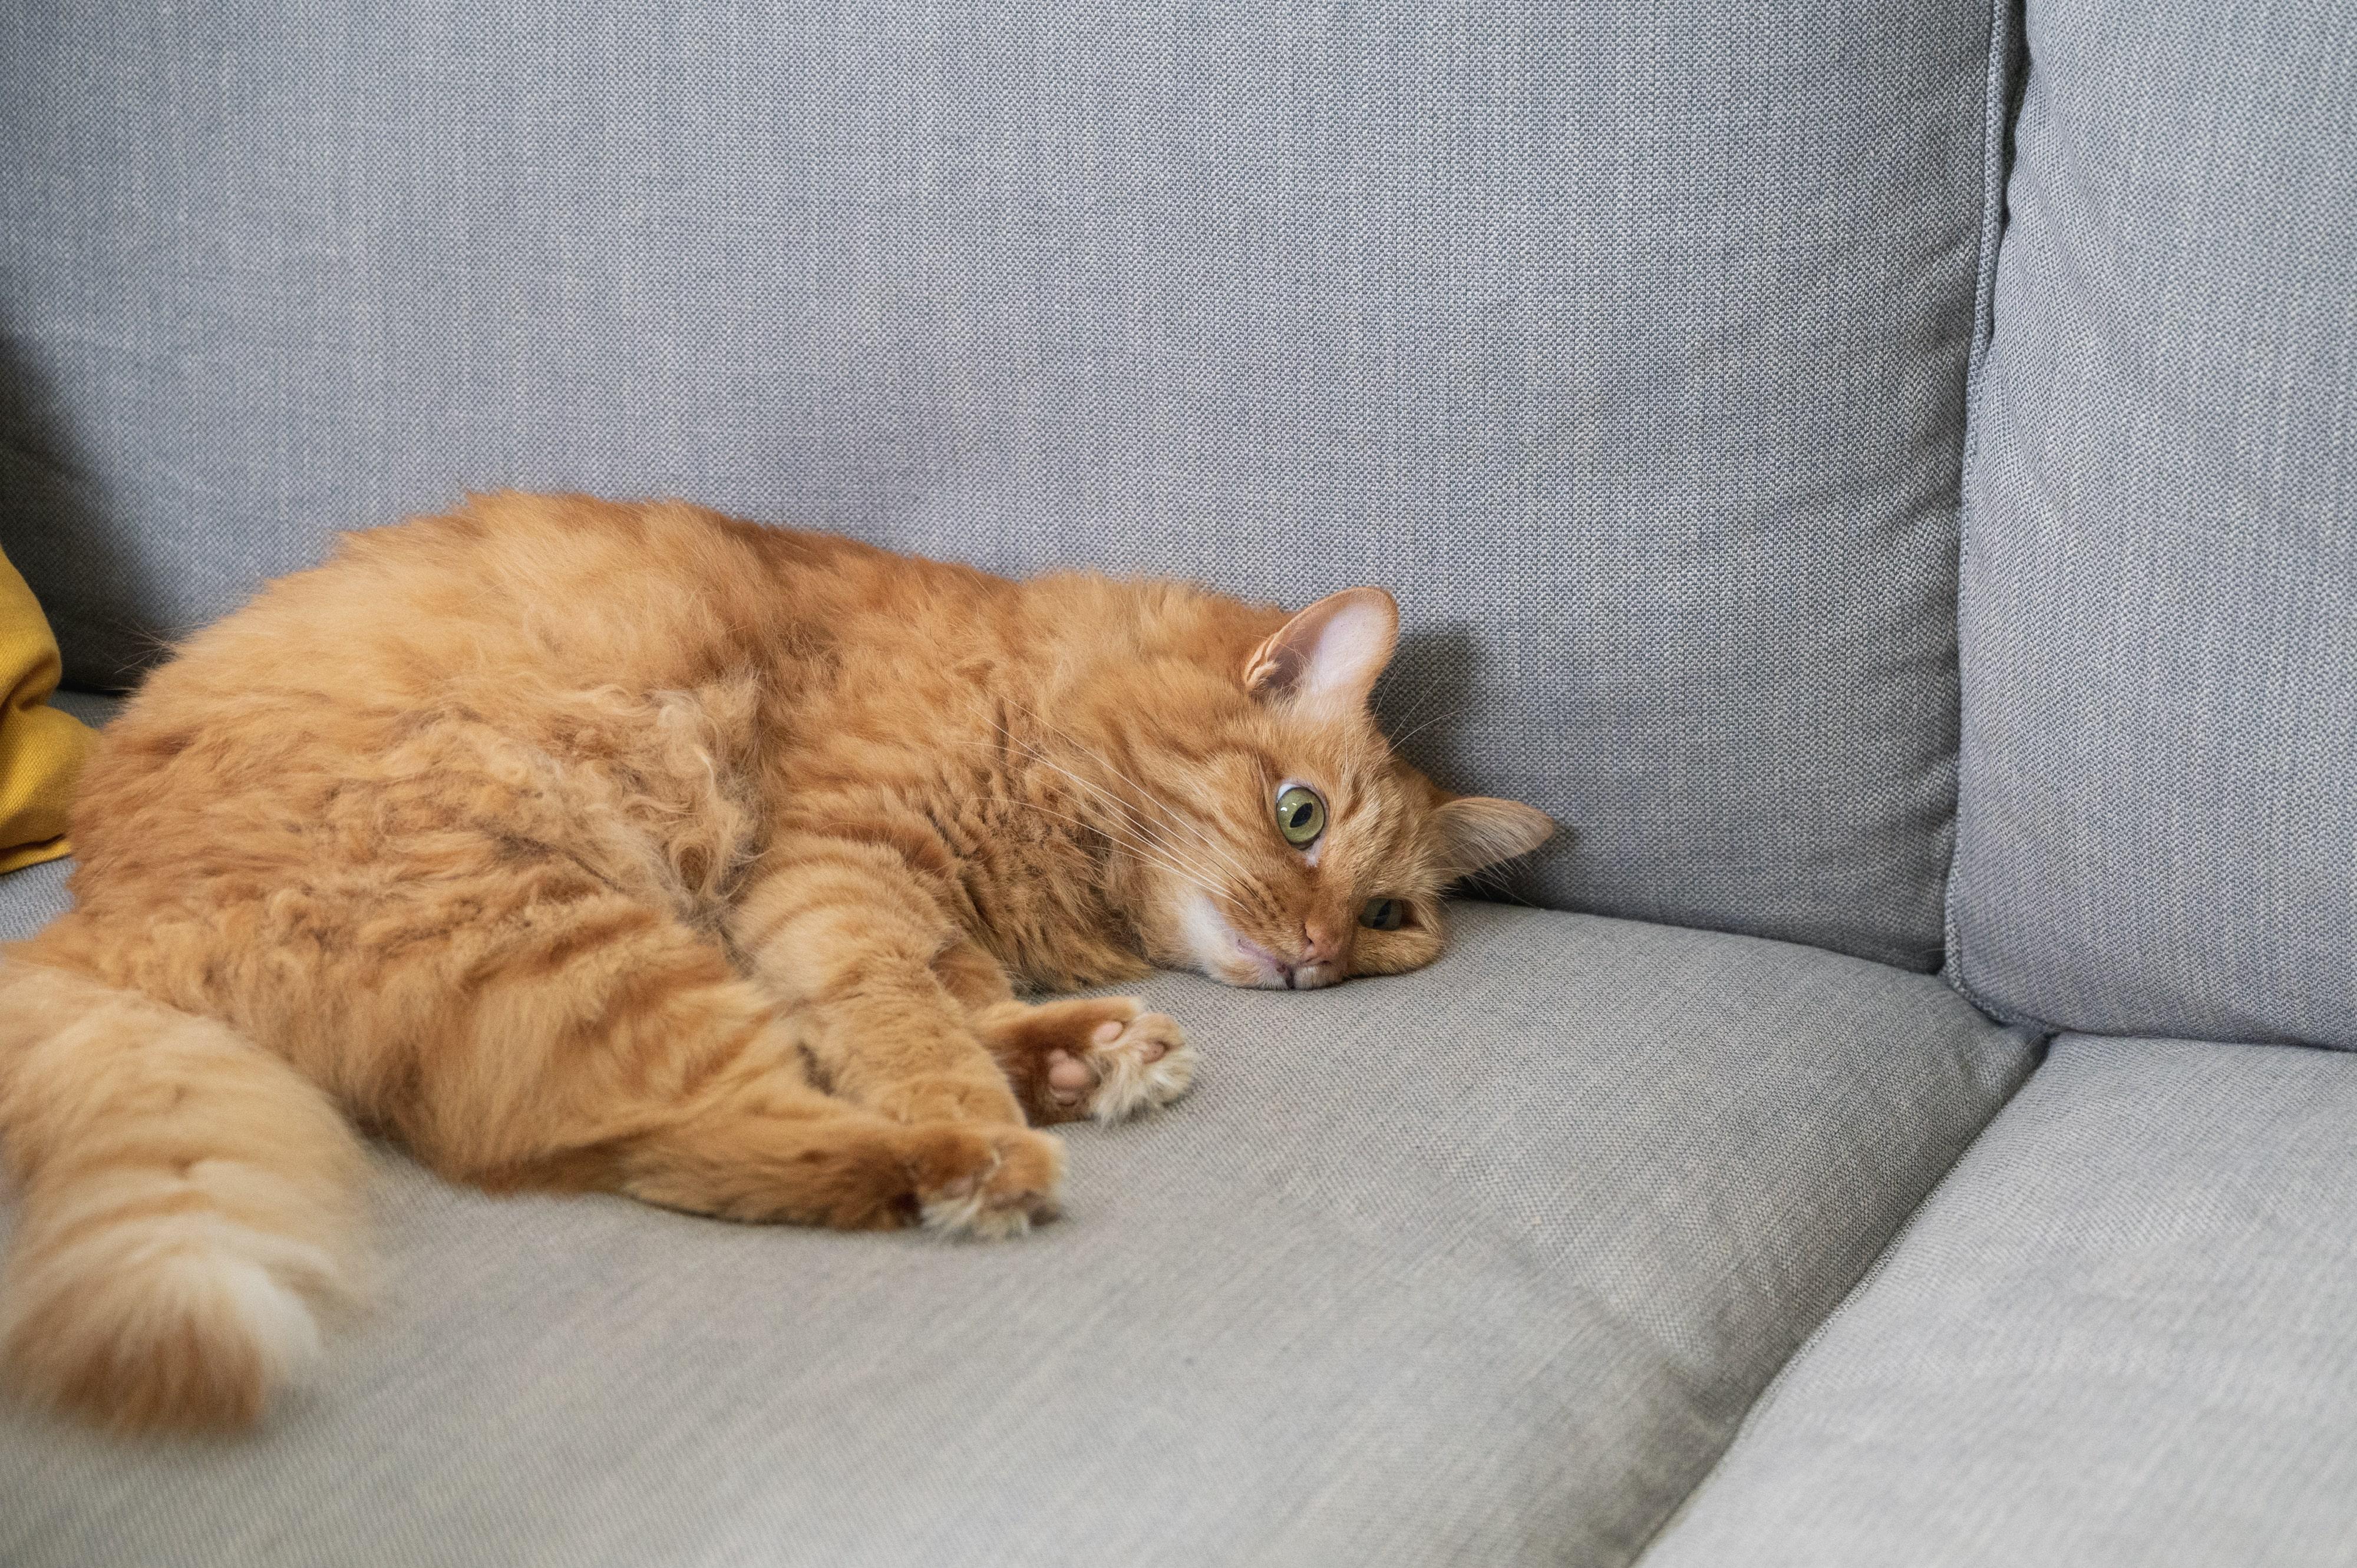 為了瞭解橘小橘的【貓高知覺過敏症】,林醫師踏進貓行為諮詢治療領域